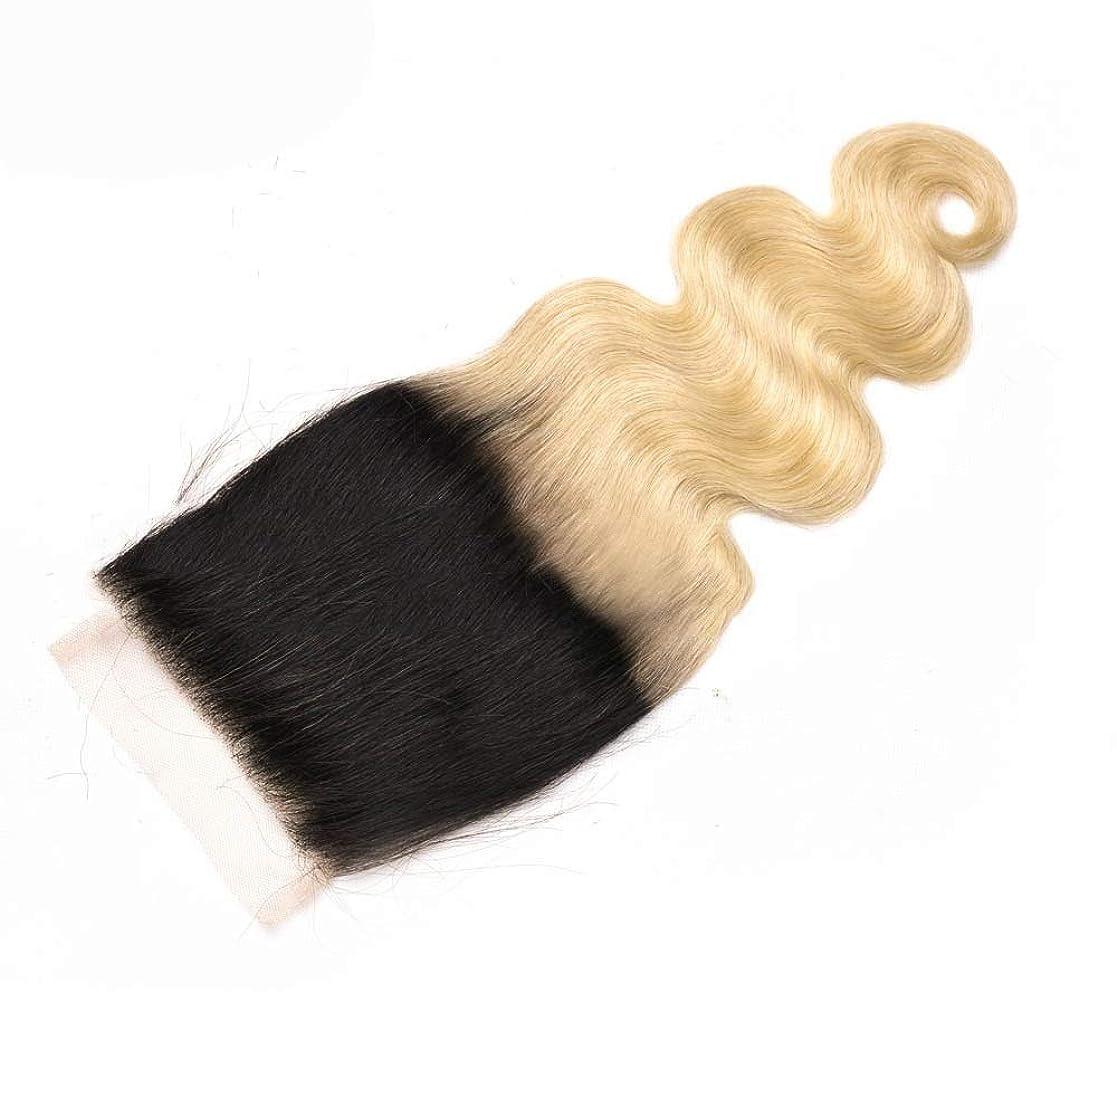 十二局着服Yrattary ブラジルの本物の人間の髪の実体波レース前頭閉鎖 - ブロンド2トーンの色にT1b / 613#黒 (色 : Blonde, サイズ : 10 inch)